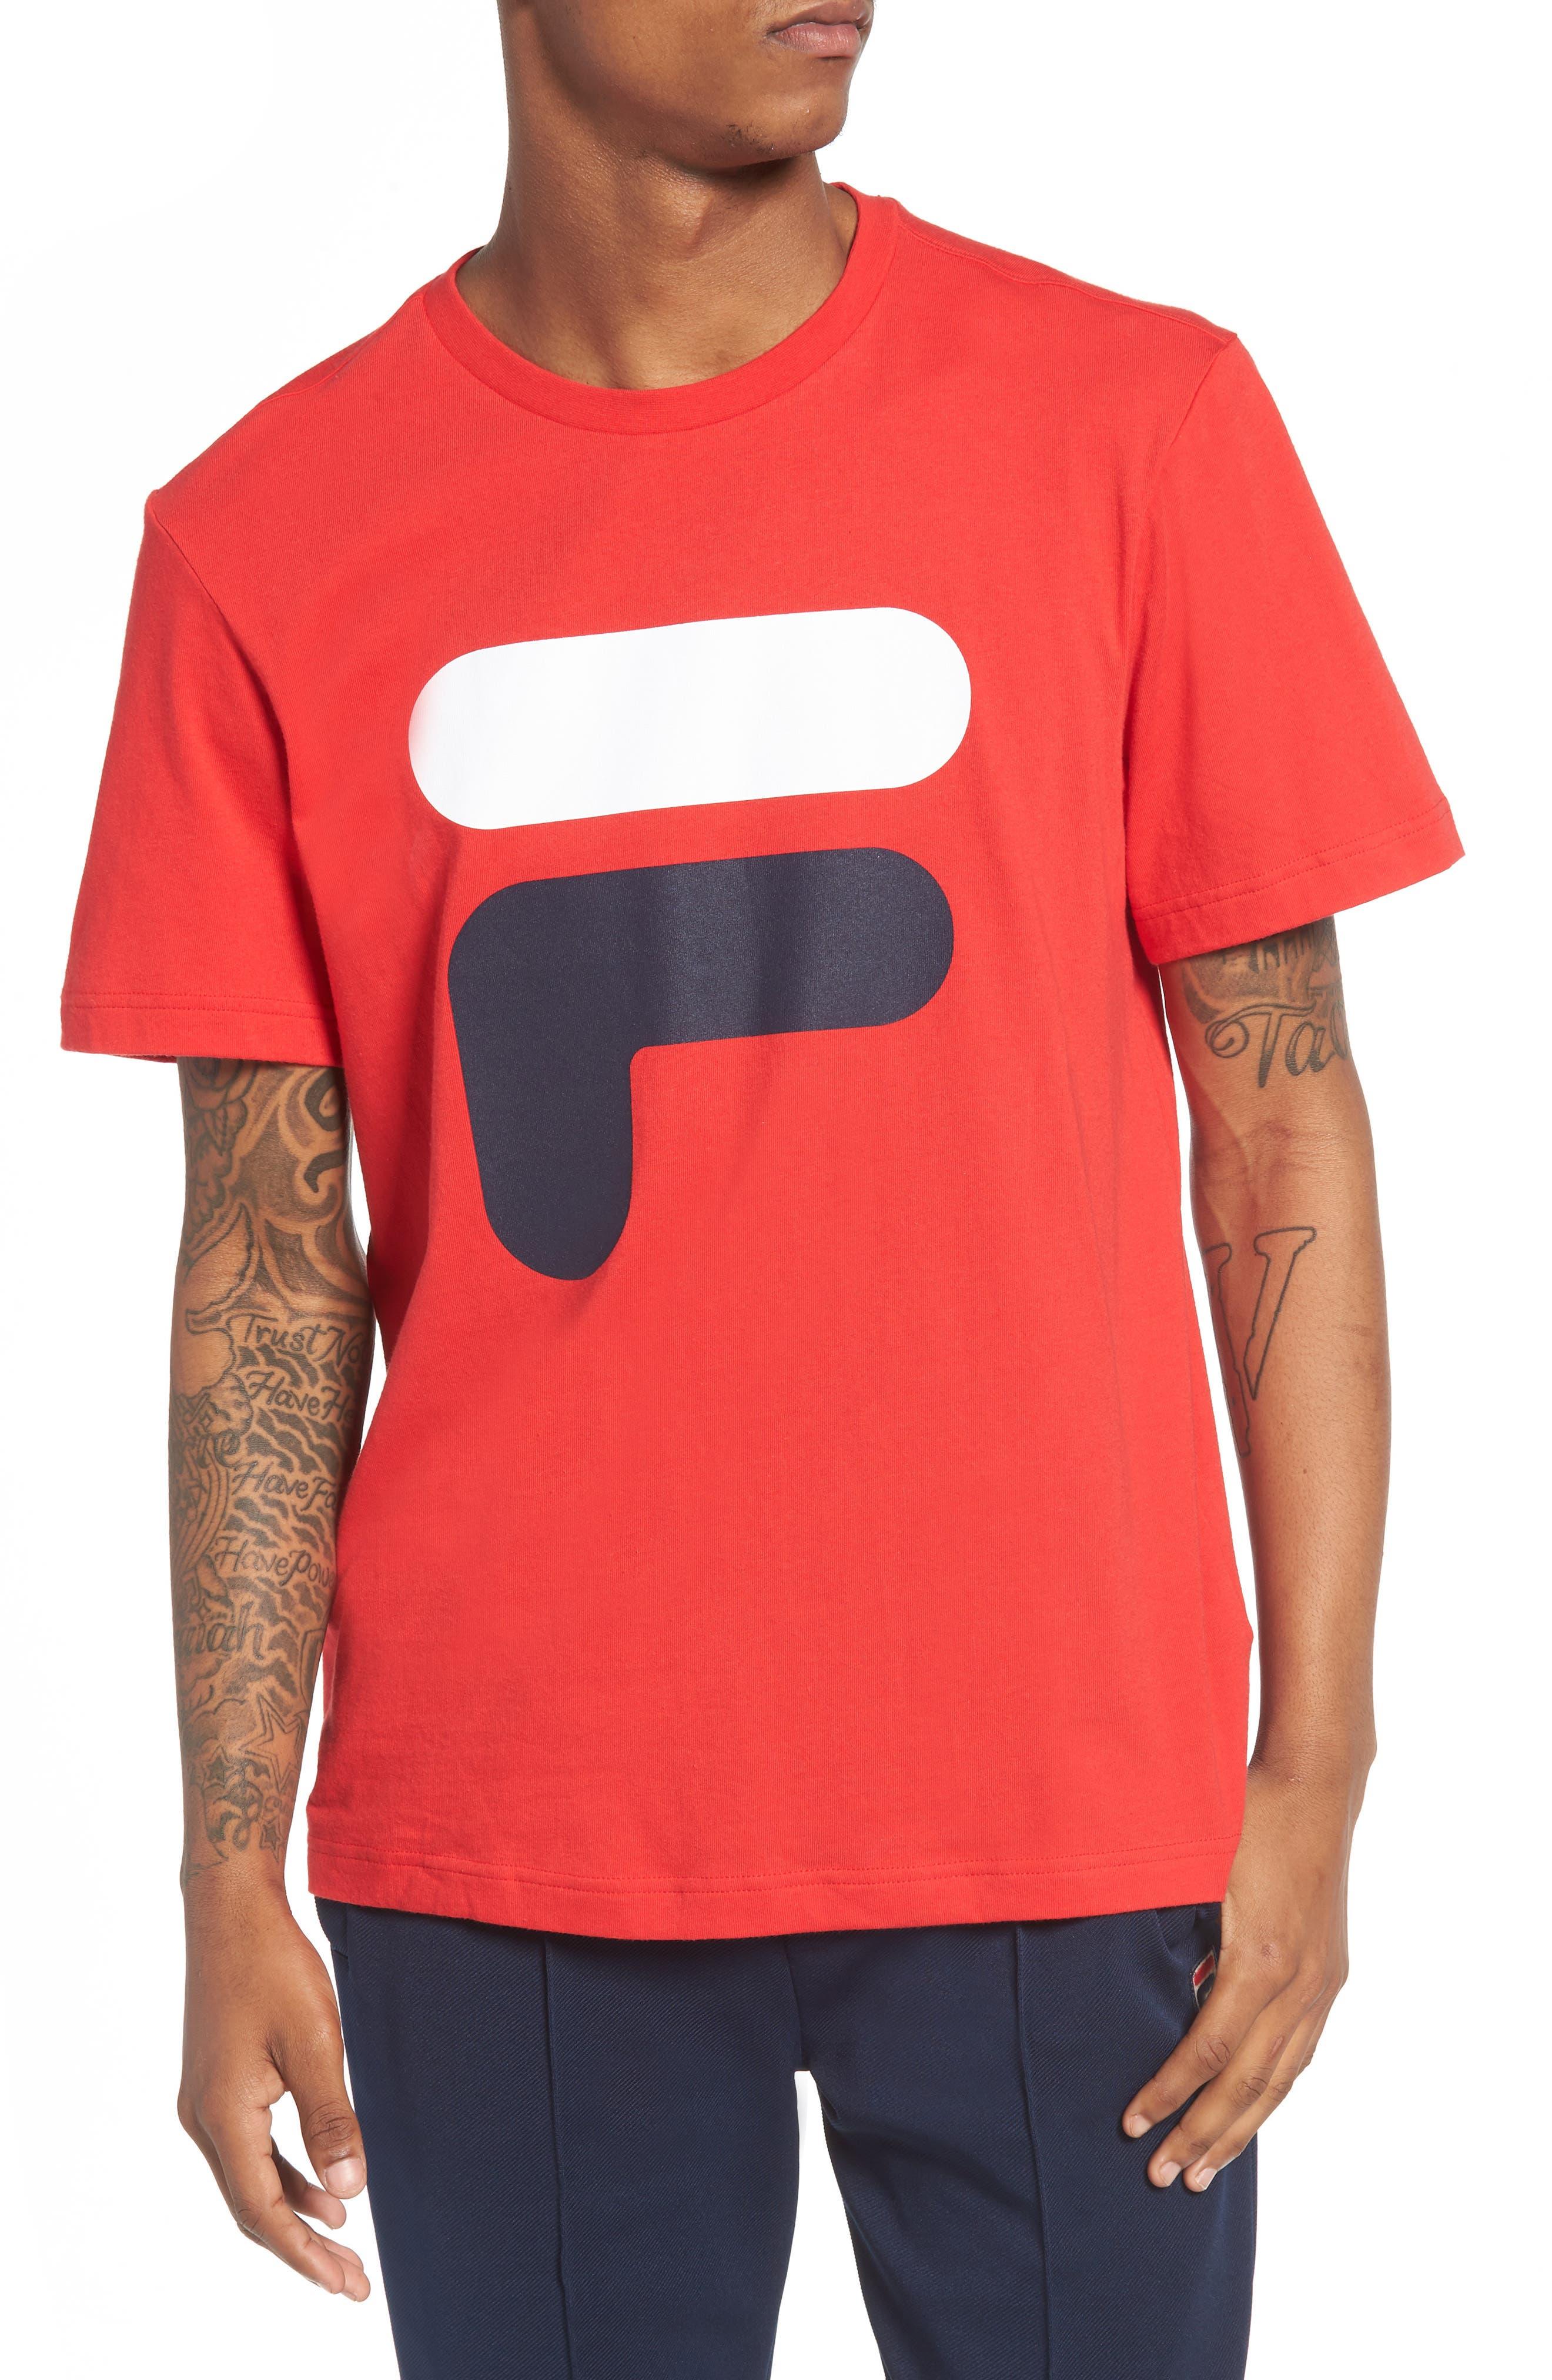 FILA Floating F T-Shirt